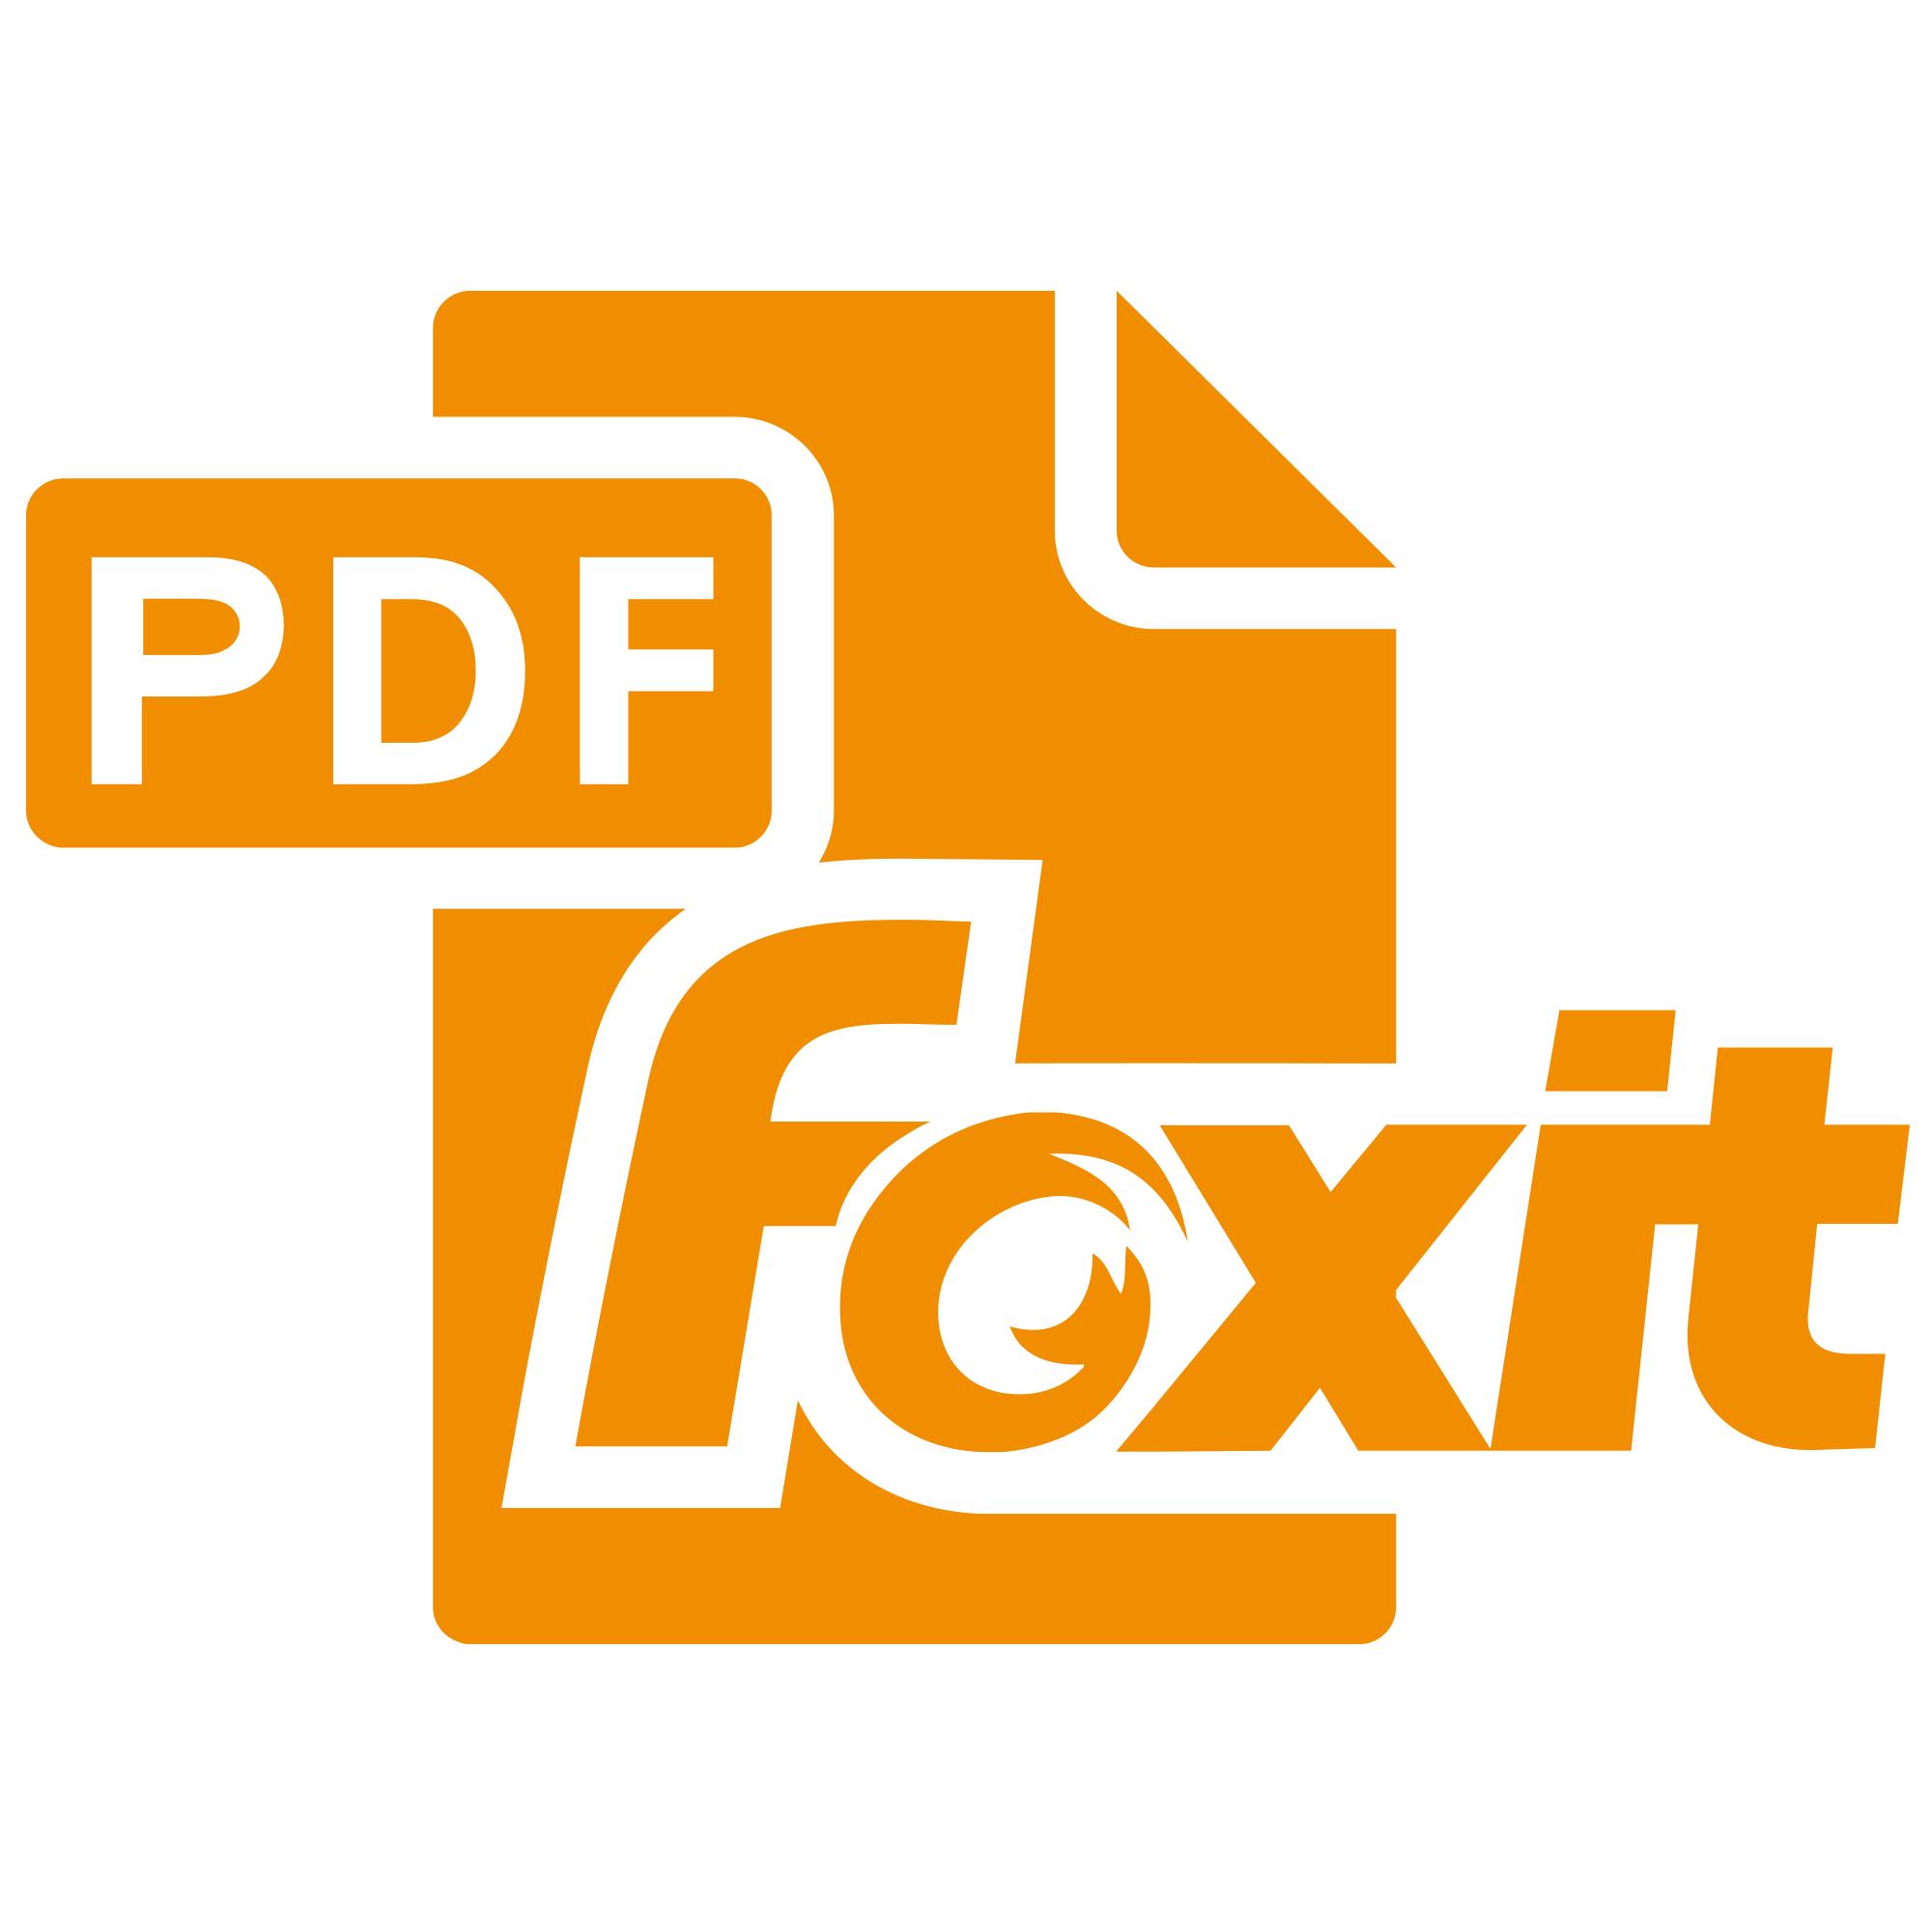 Phần mềm đọc tập tin pdf hiệu quả